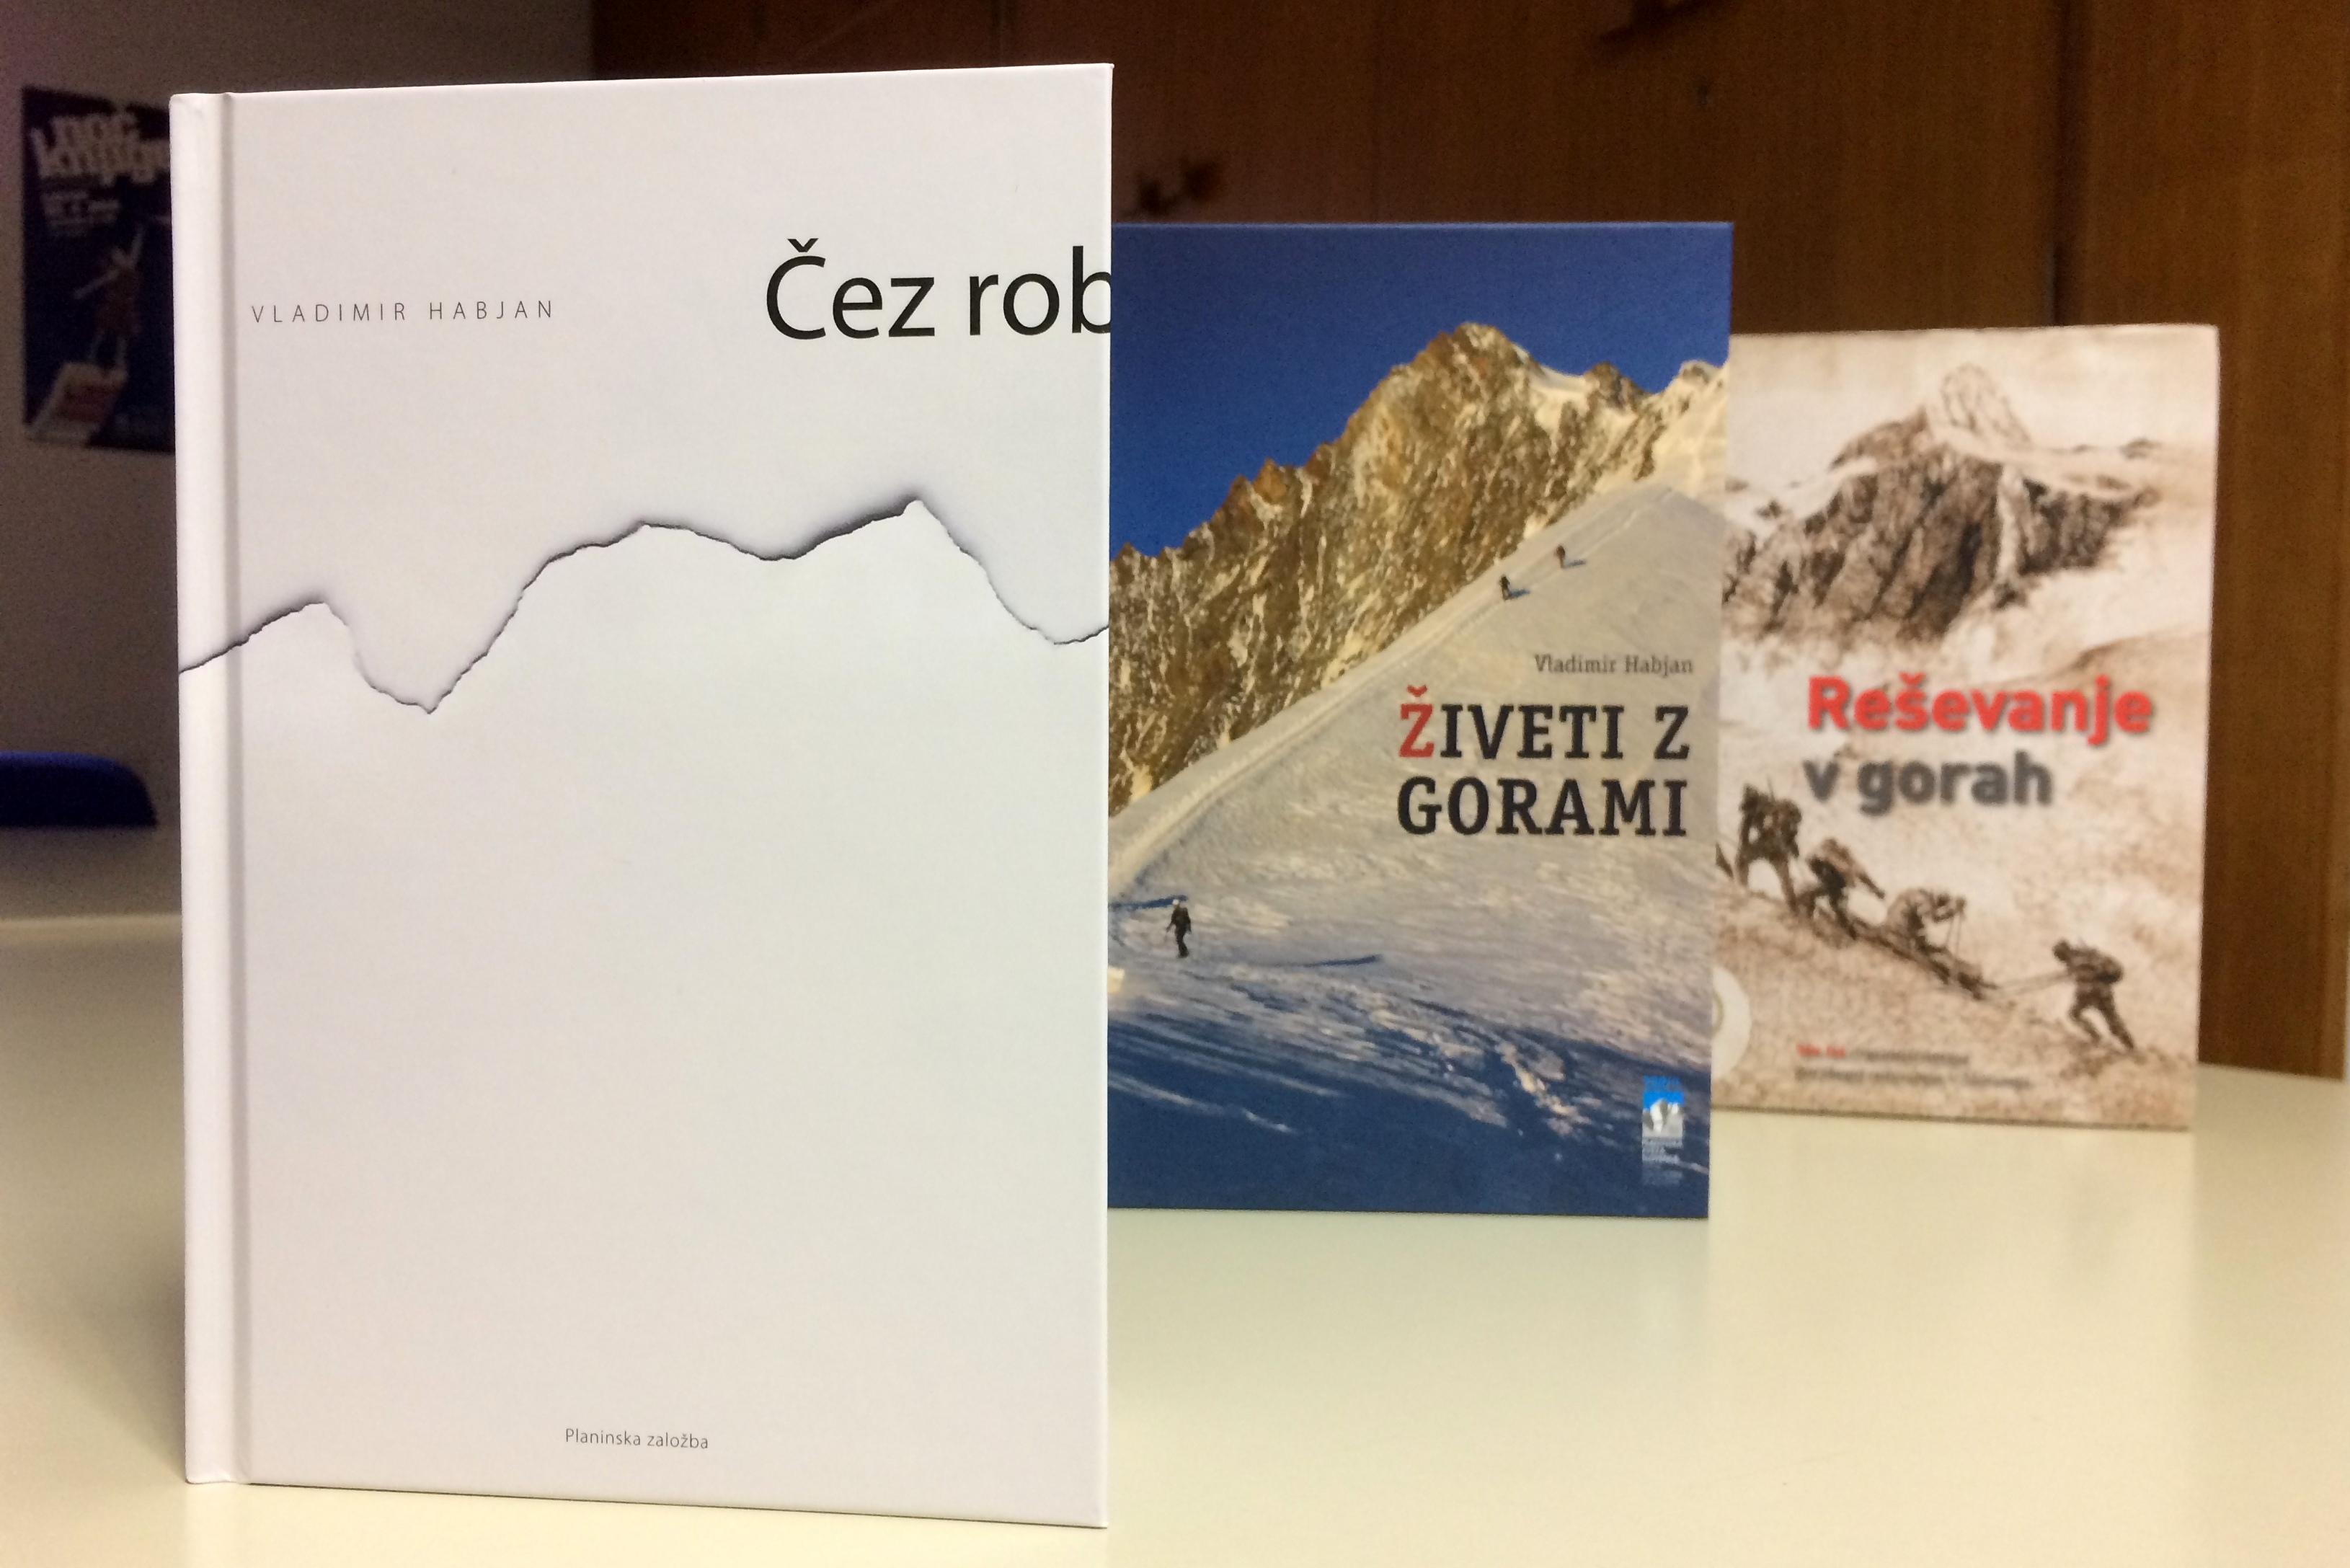 vladimir_habjan_knjige_foto_manca_cujez